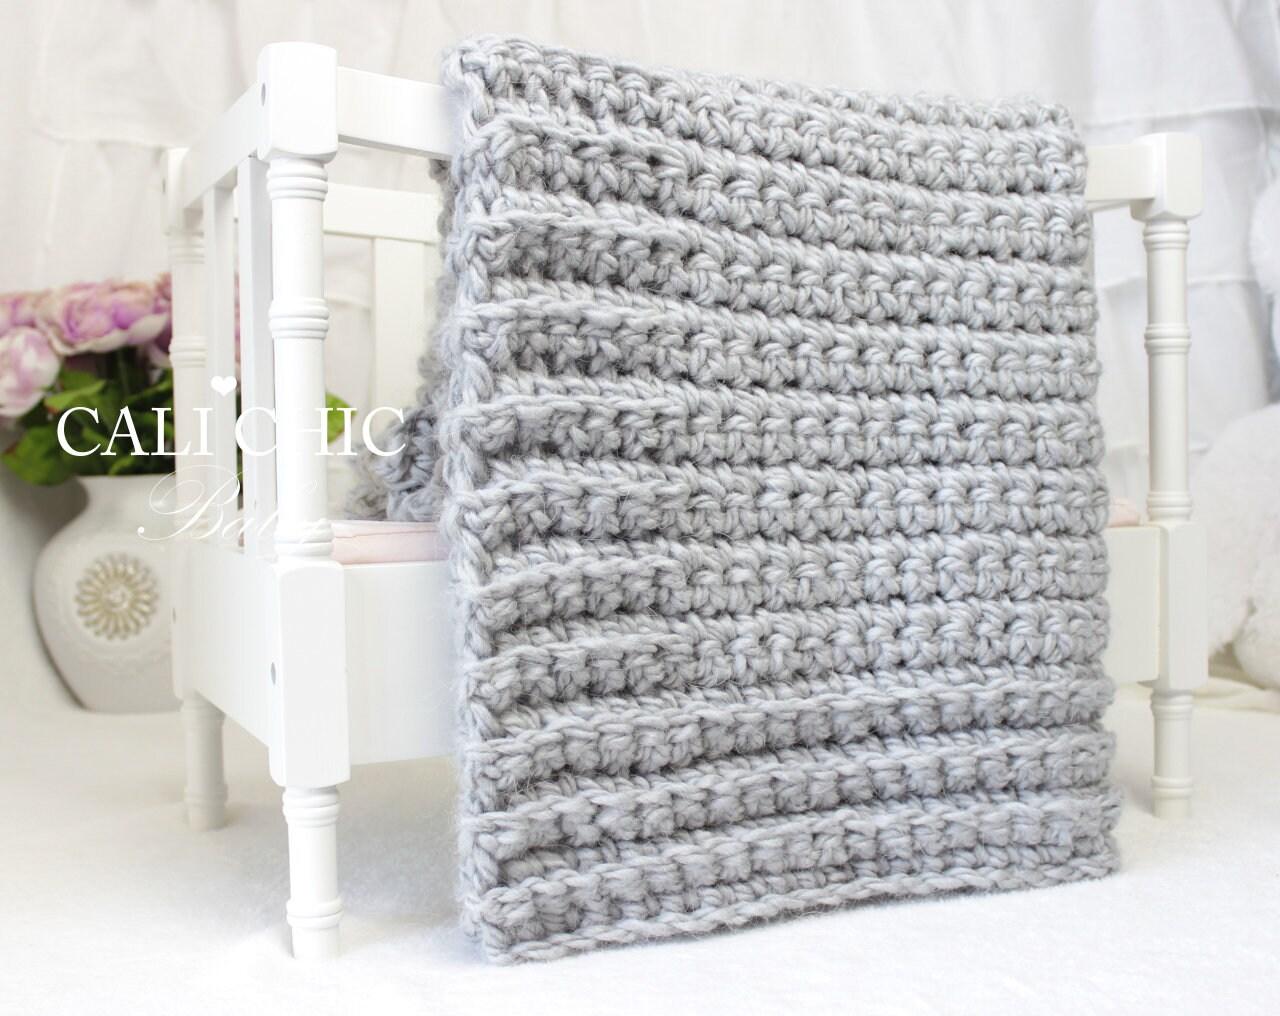 Beginner Blanket Crochet PATTERN Simply Chic 101 Baby Afghan | Etsy